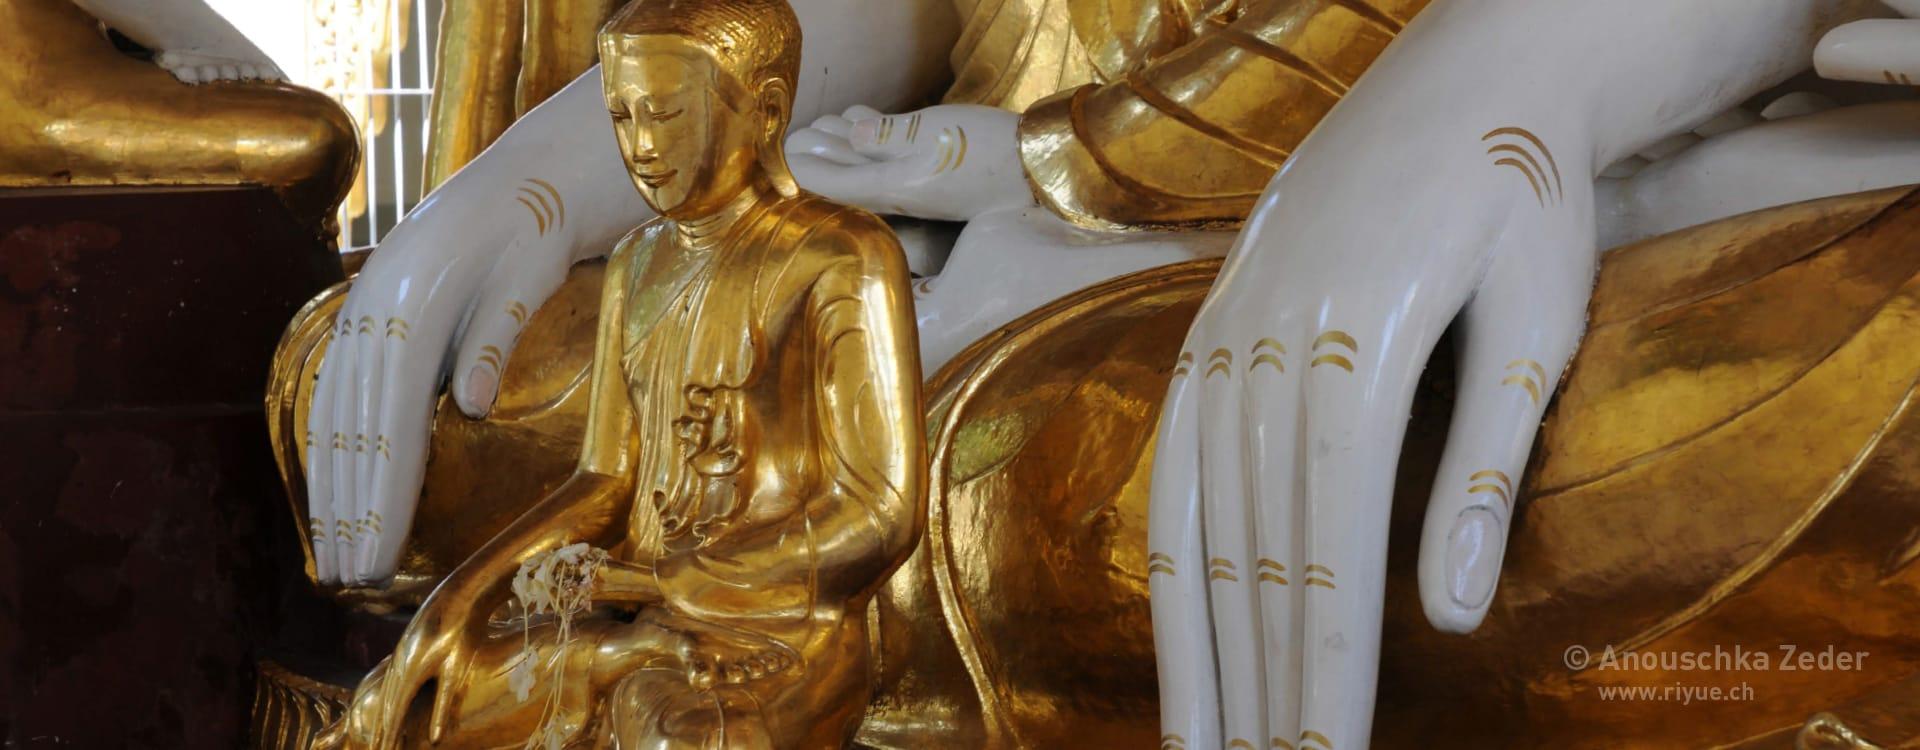 riyue – zur Person Anouschka Zeder – Buddha Myanmar